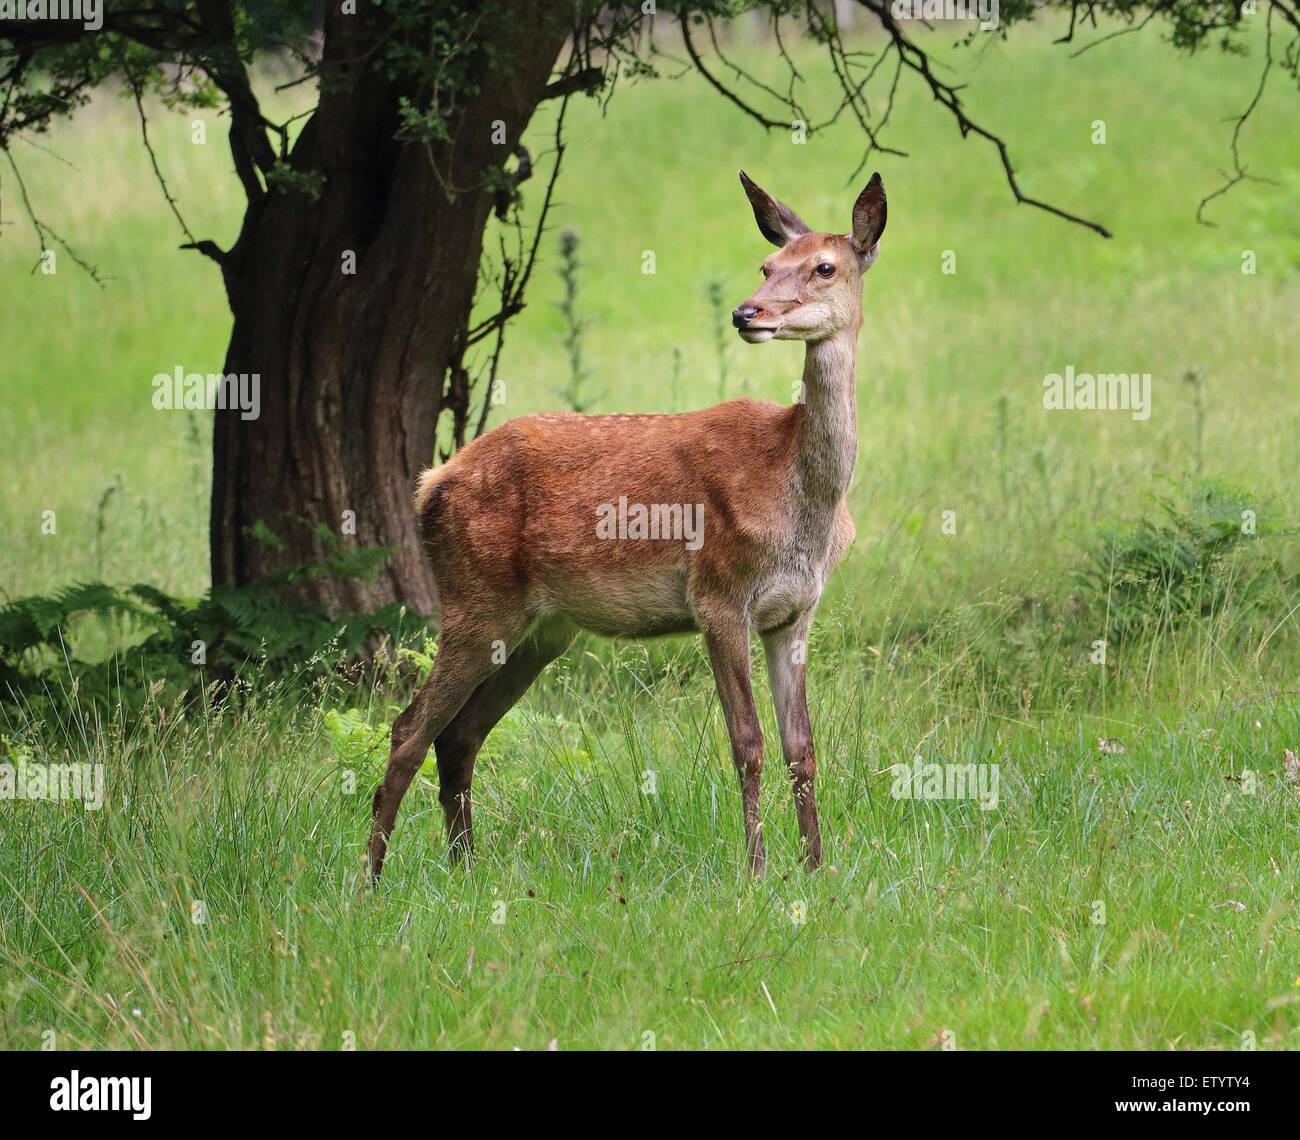 Wachsamen Hind Rothirsch (Cervus Elaphus) stehen in einem Park mit ihren Ohren gestochen Stockbild